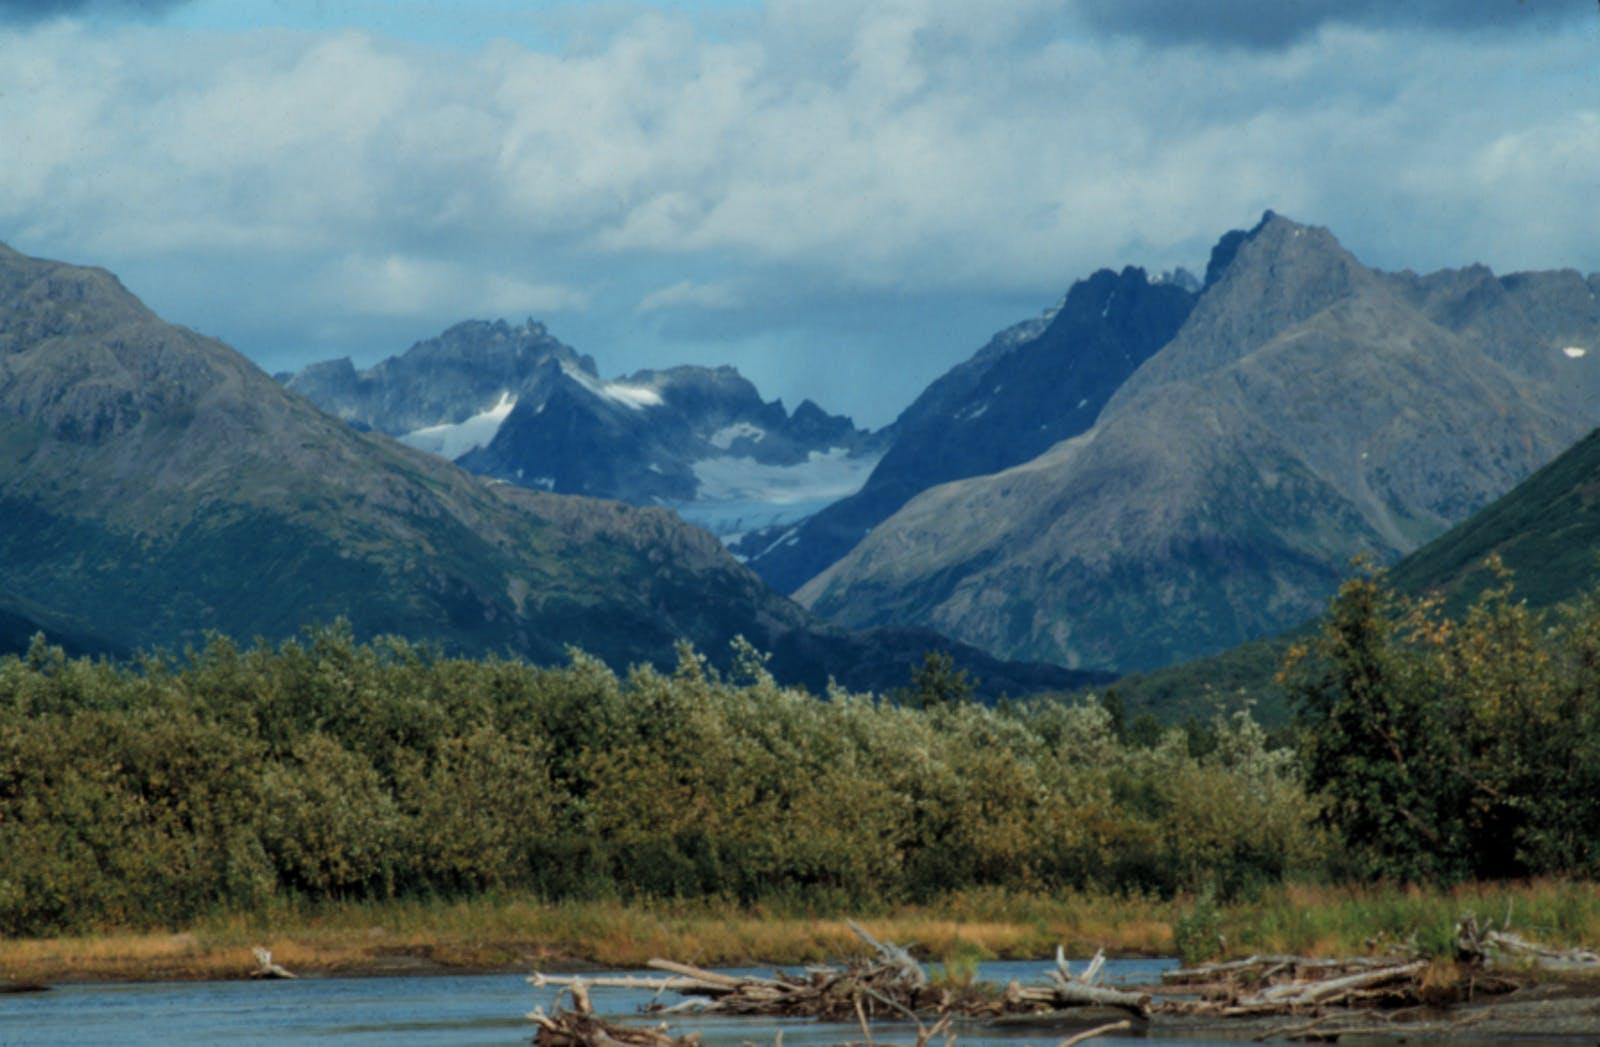 Beringia Upland Tundra